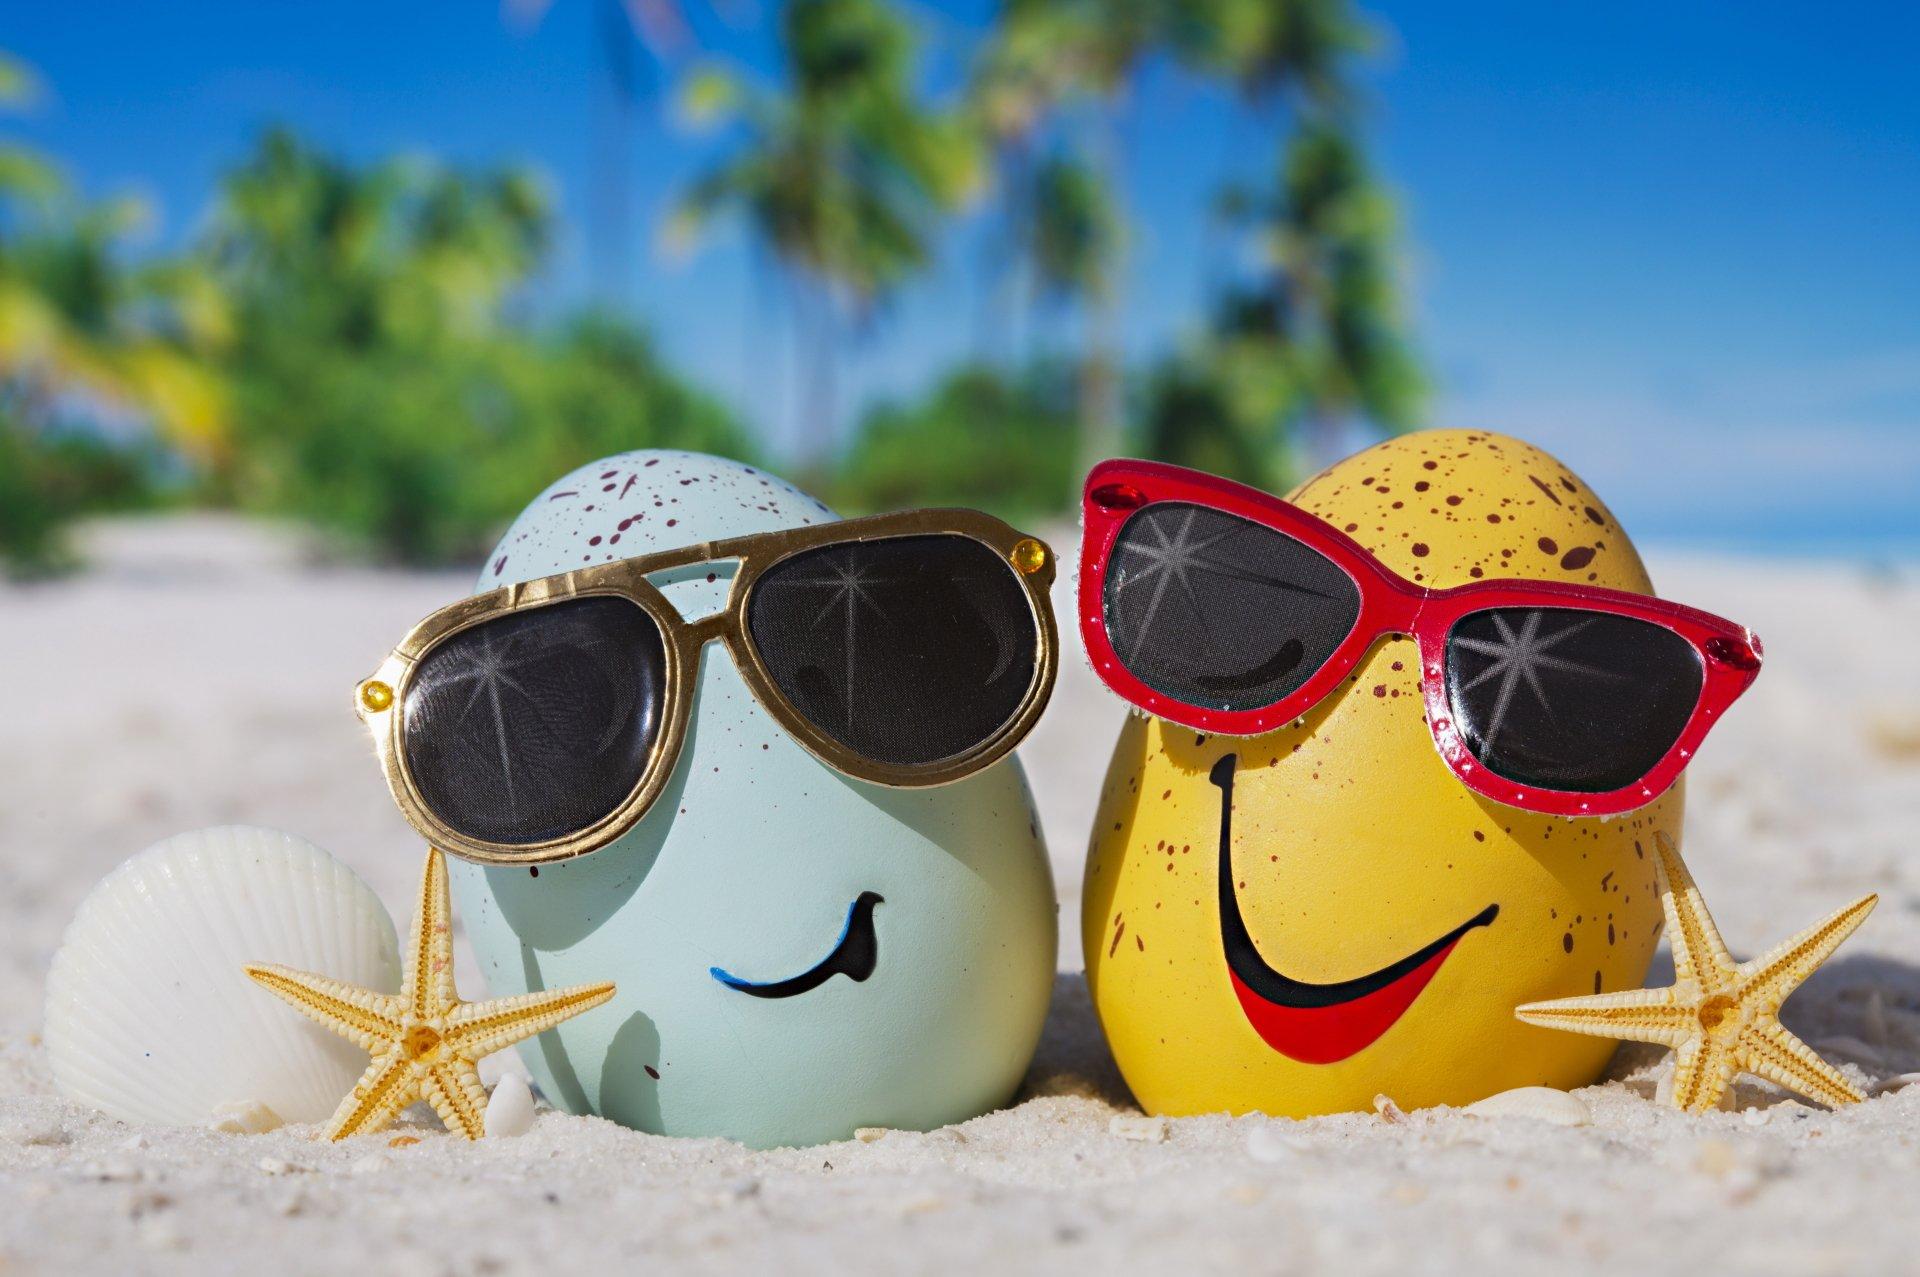 Artistic - Summer  Sunglasses Egg Beach Wallpaper